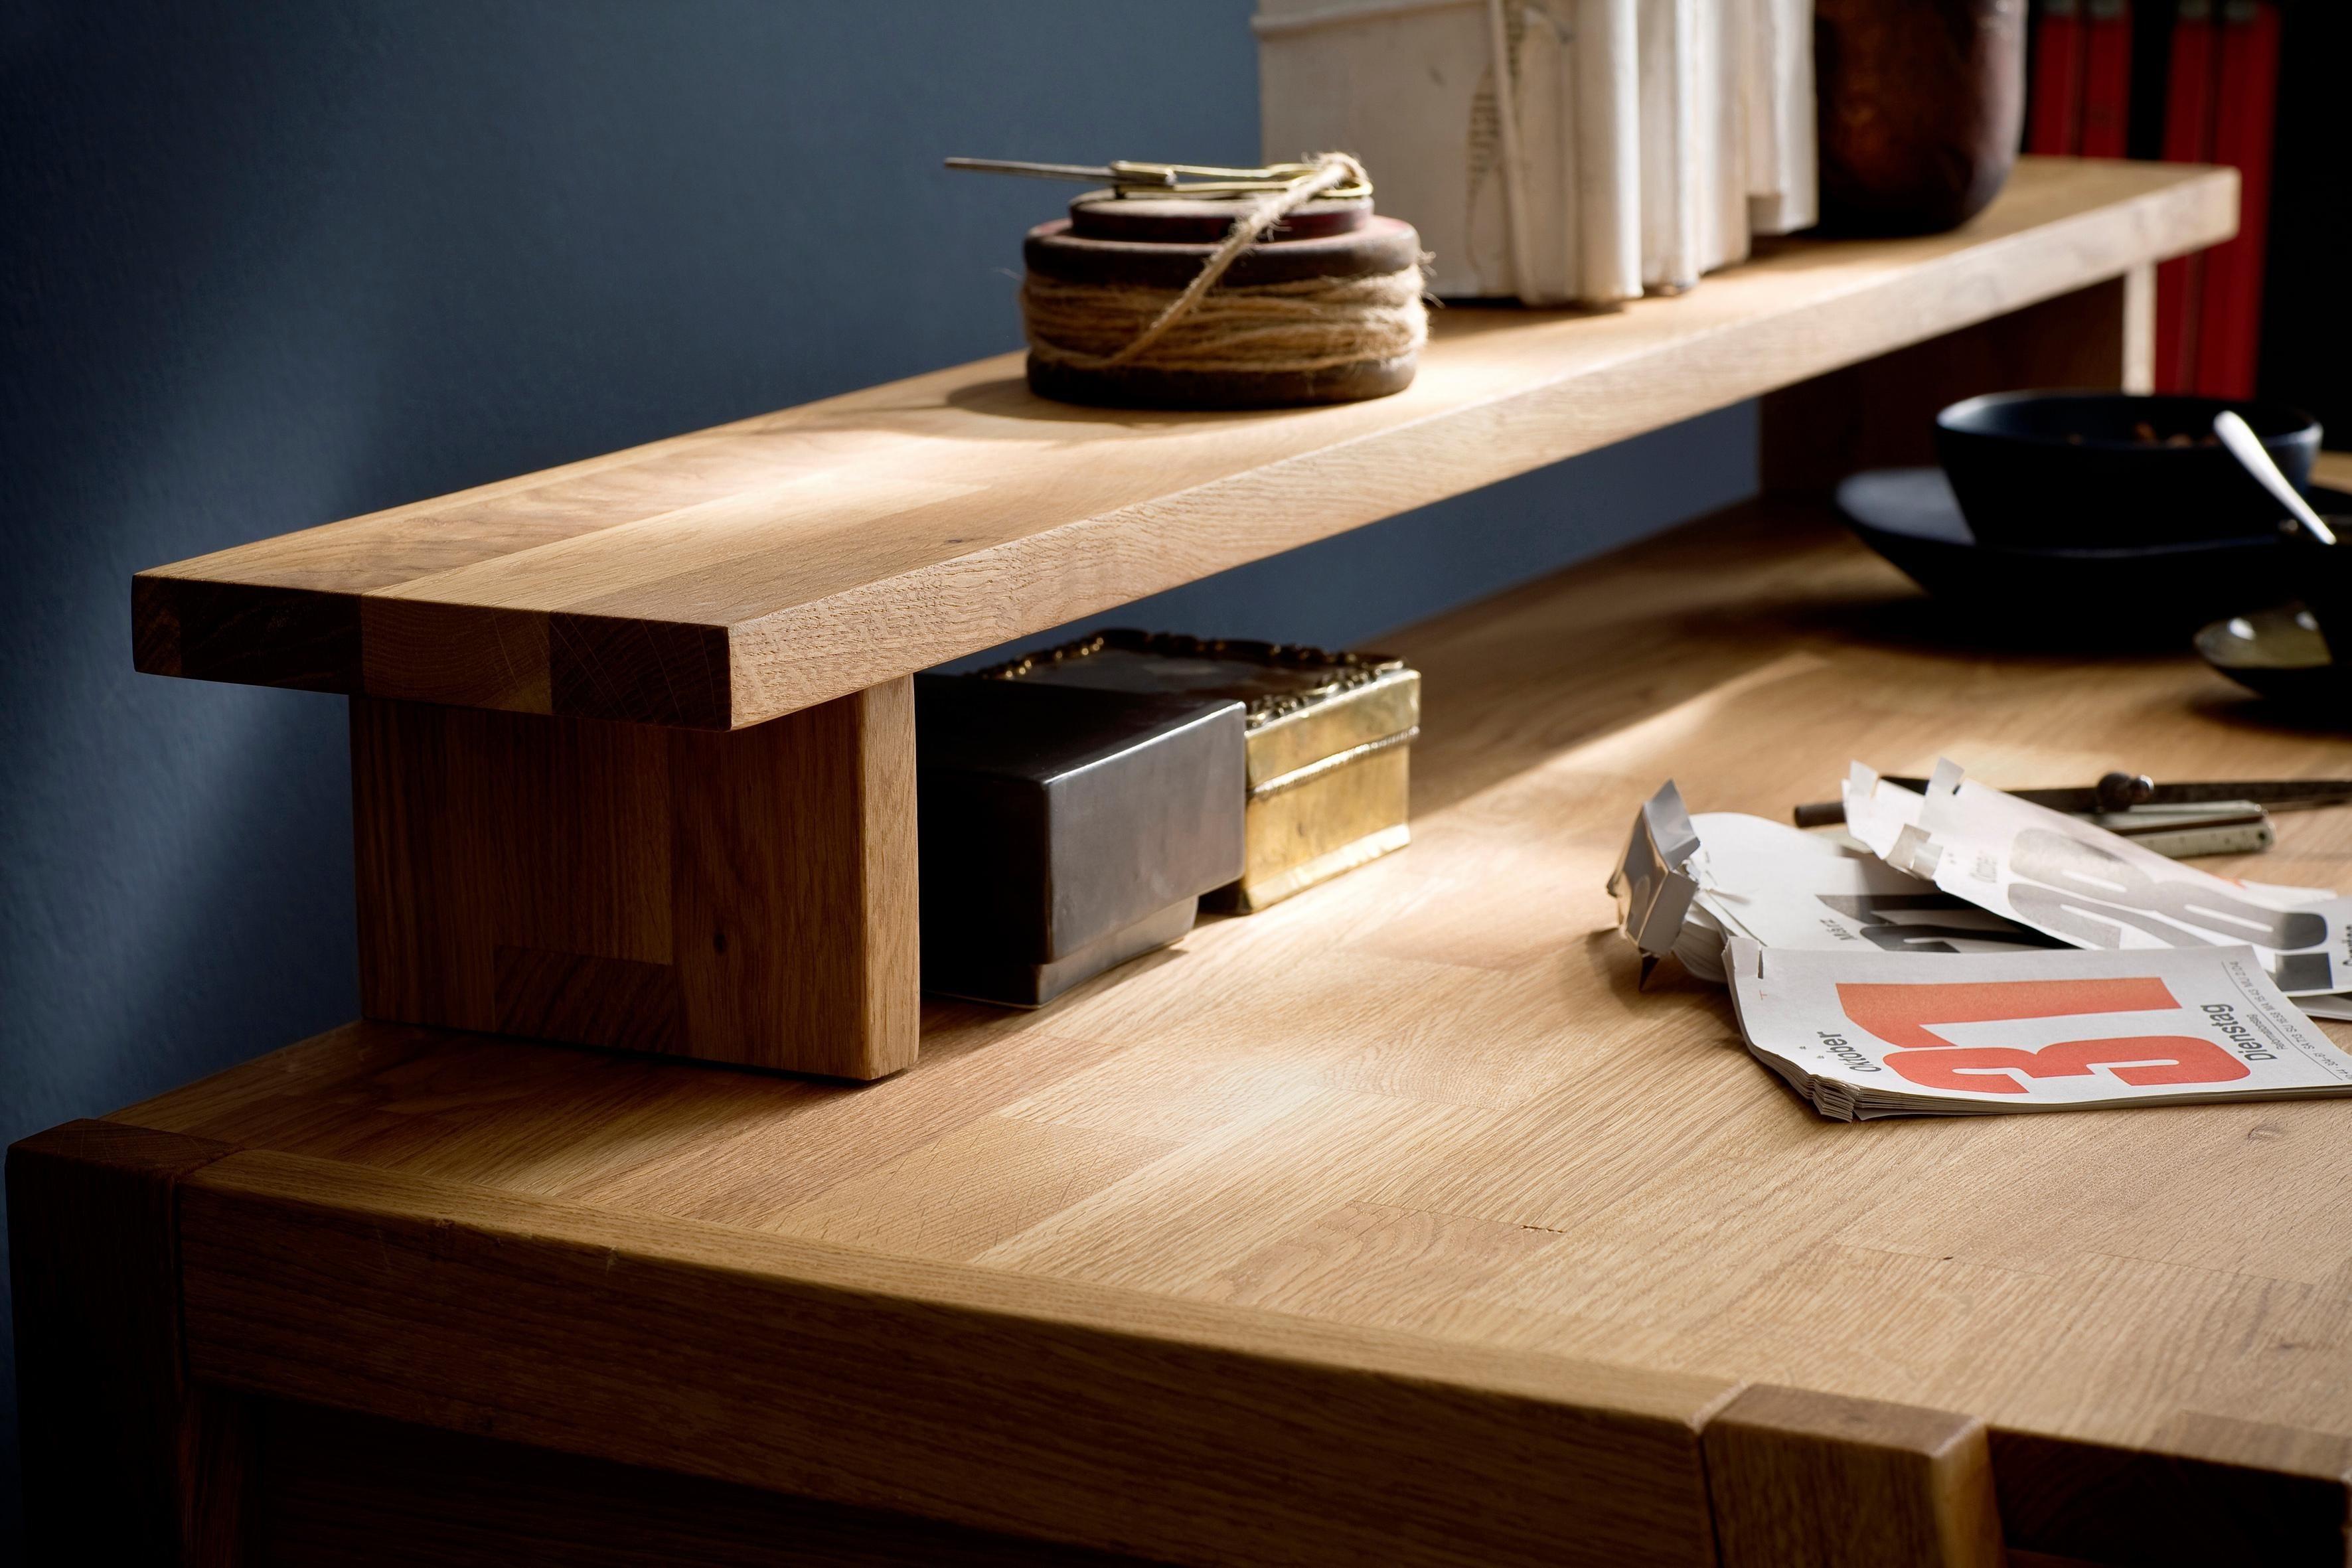 Aufsatz für Schreibtisch »Dura« aus massiver Wildeiche, passend für den Dura Schreibtisch